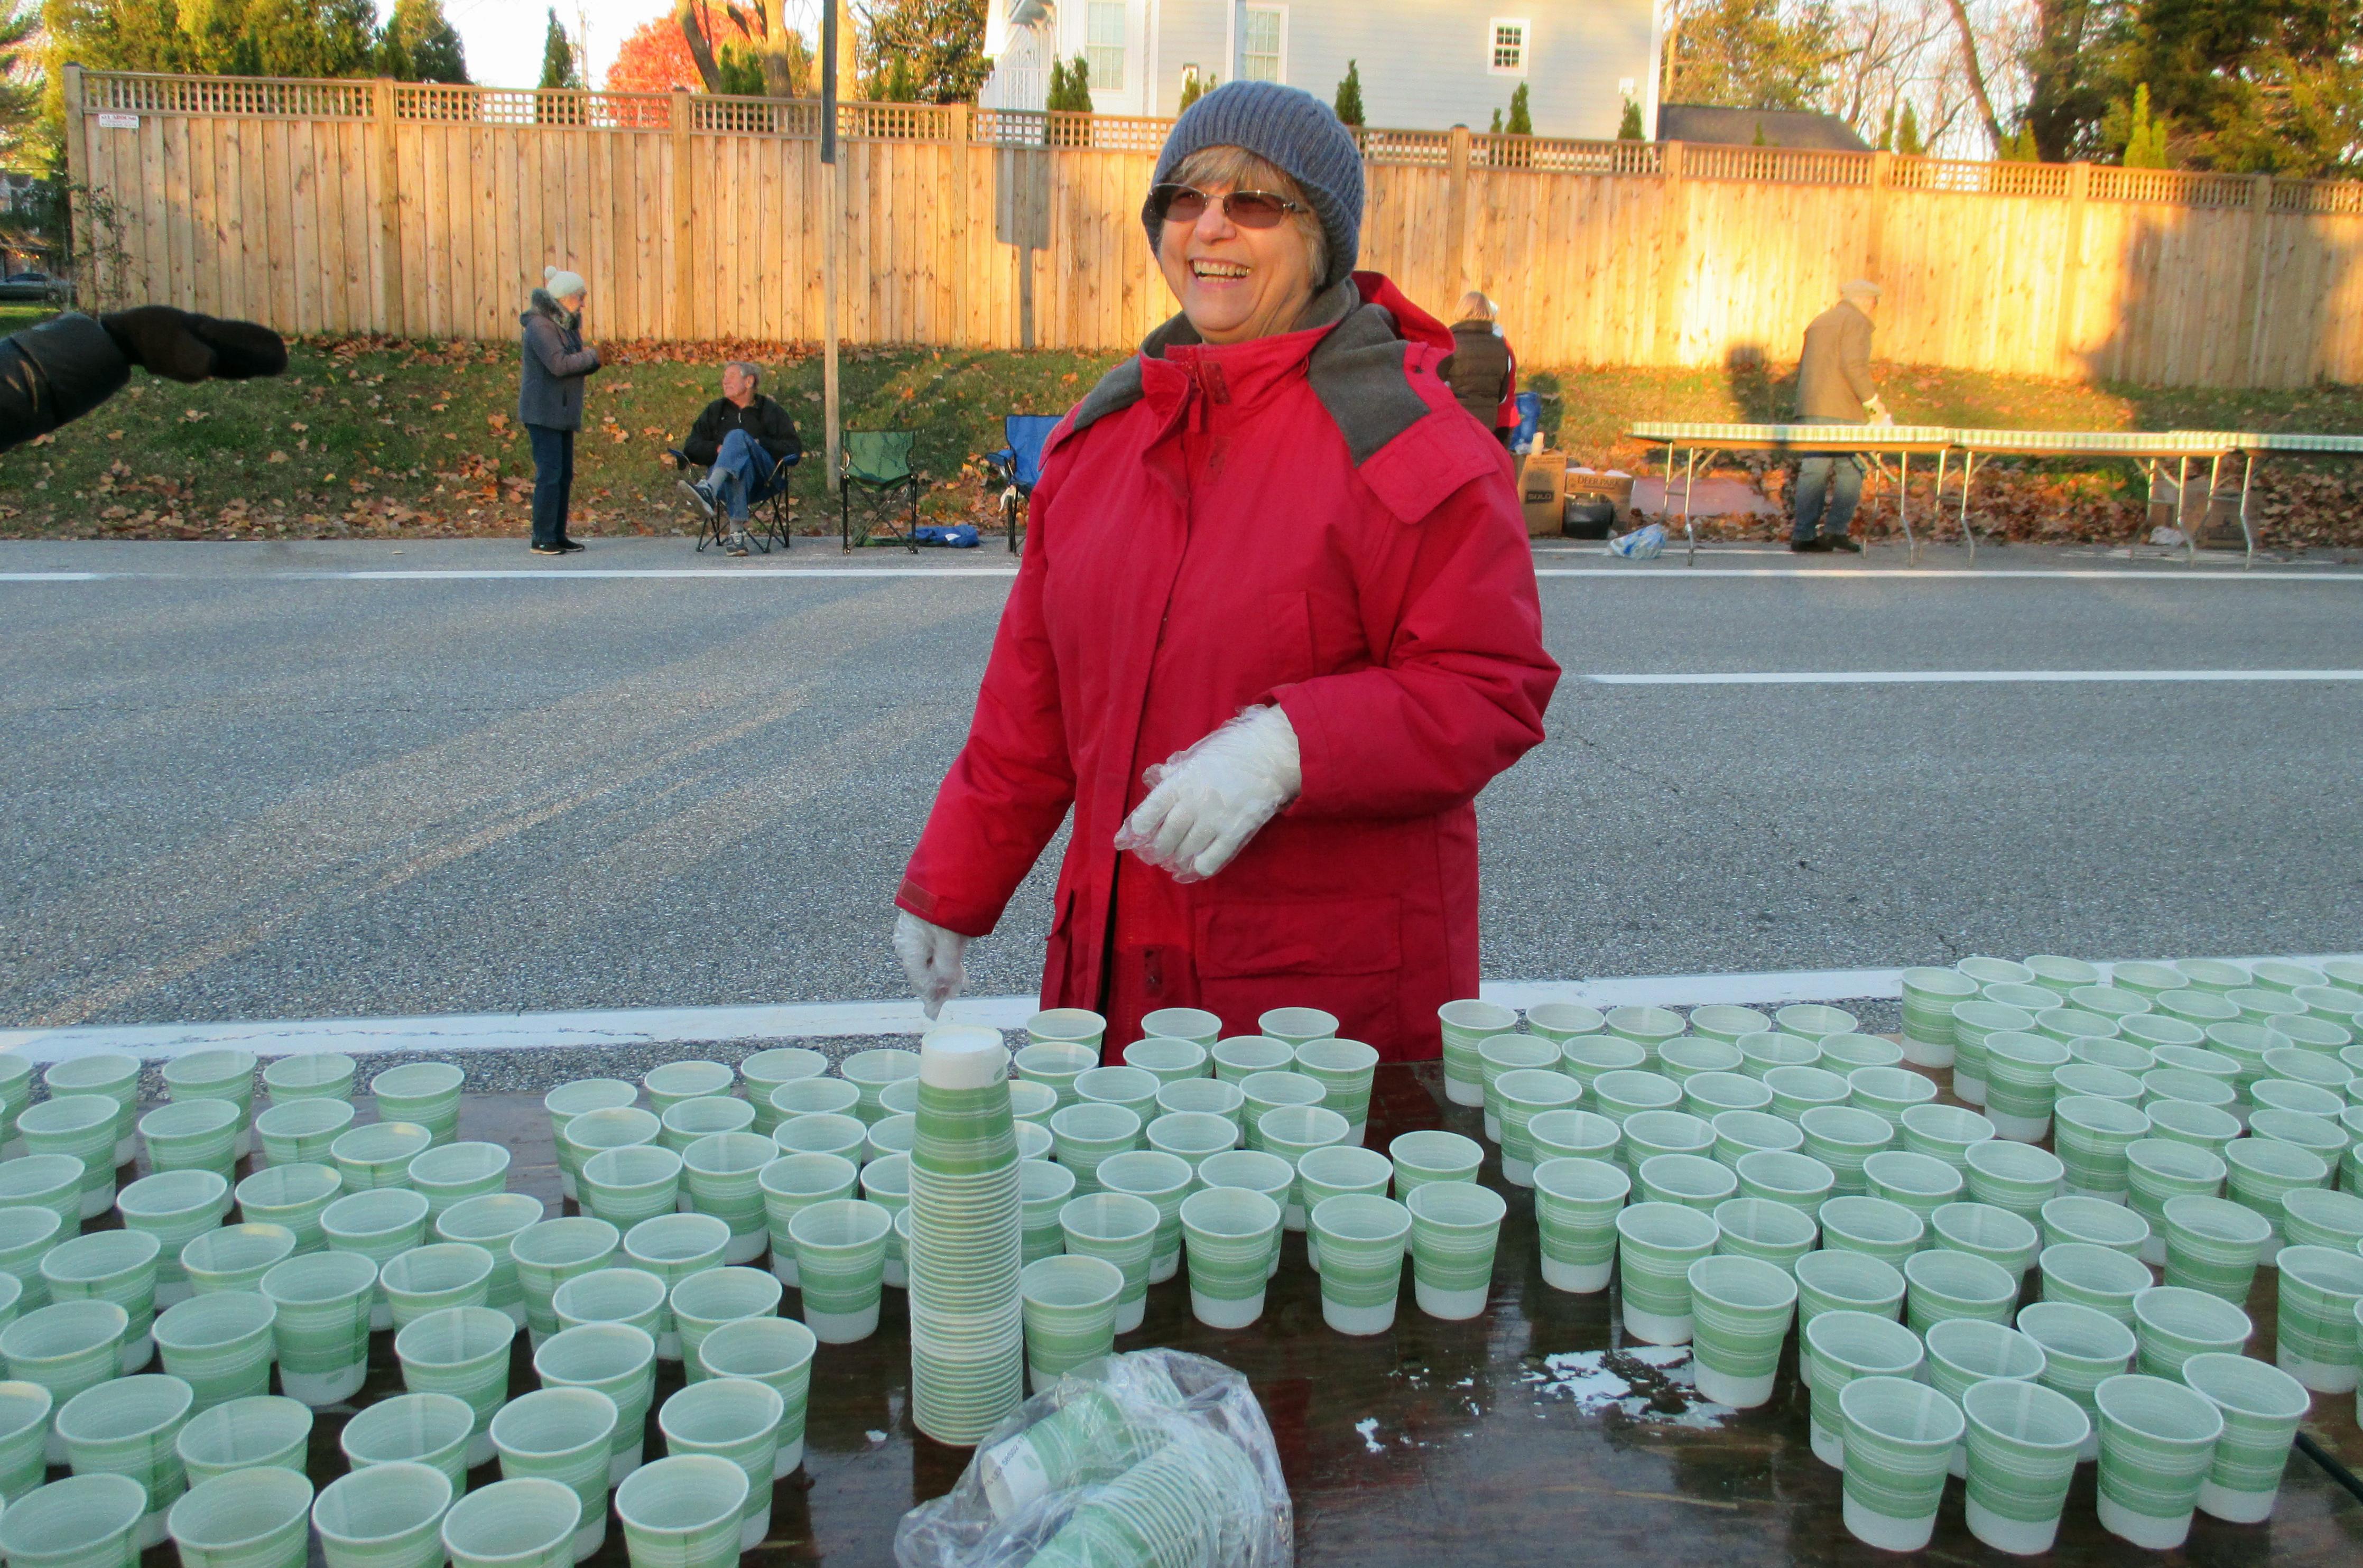 Maryland Branch volunteer Ellen Phipps fills water cups for Half-Marathon Runners.